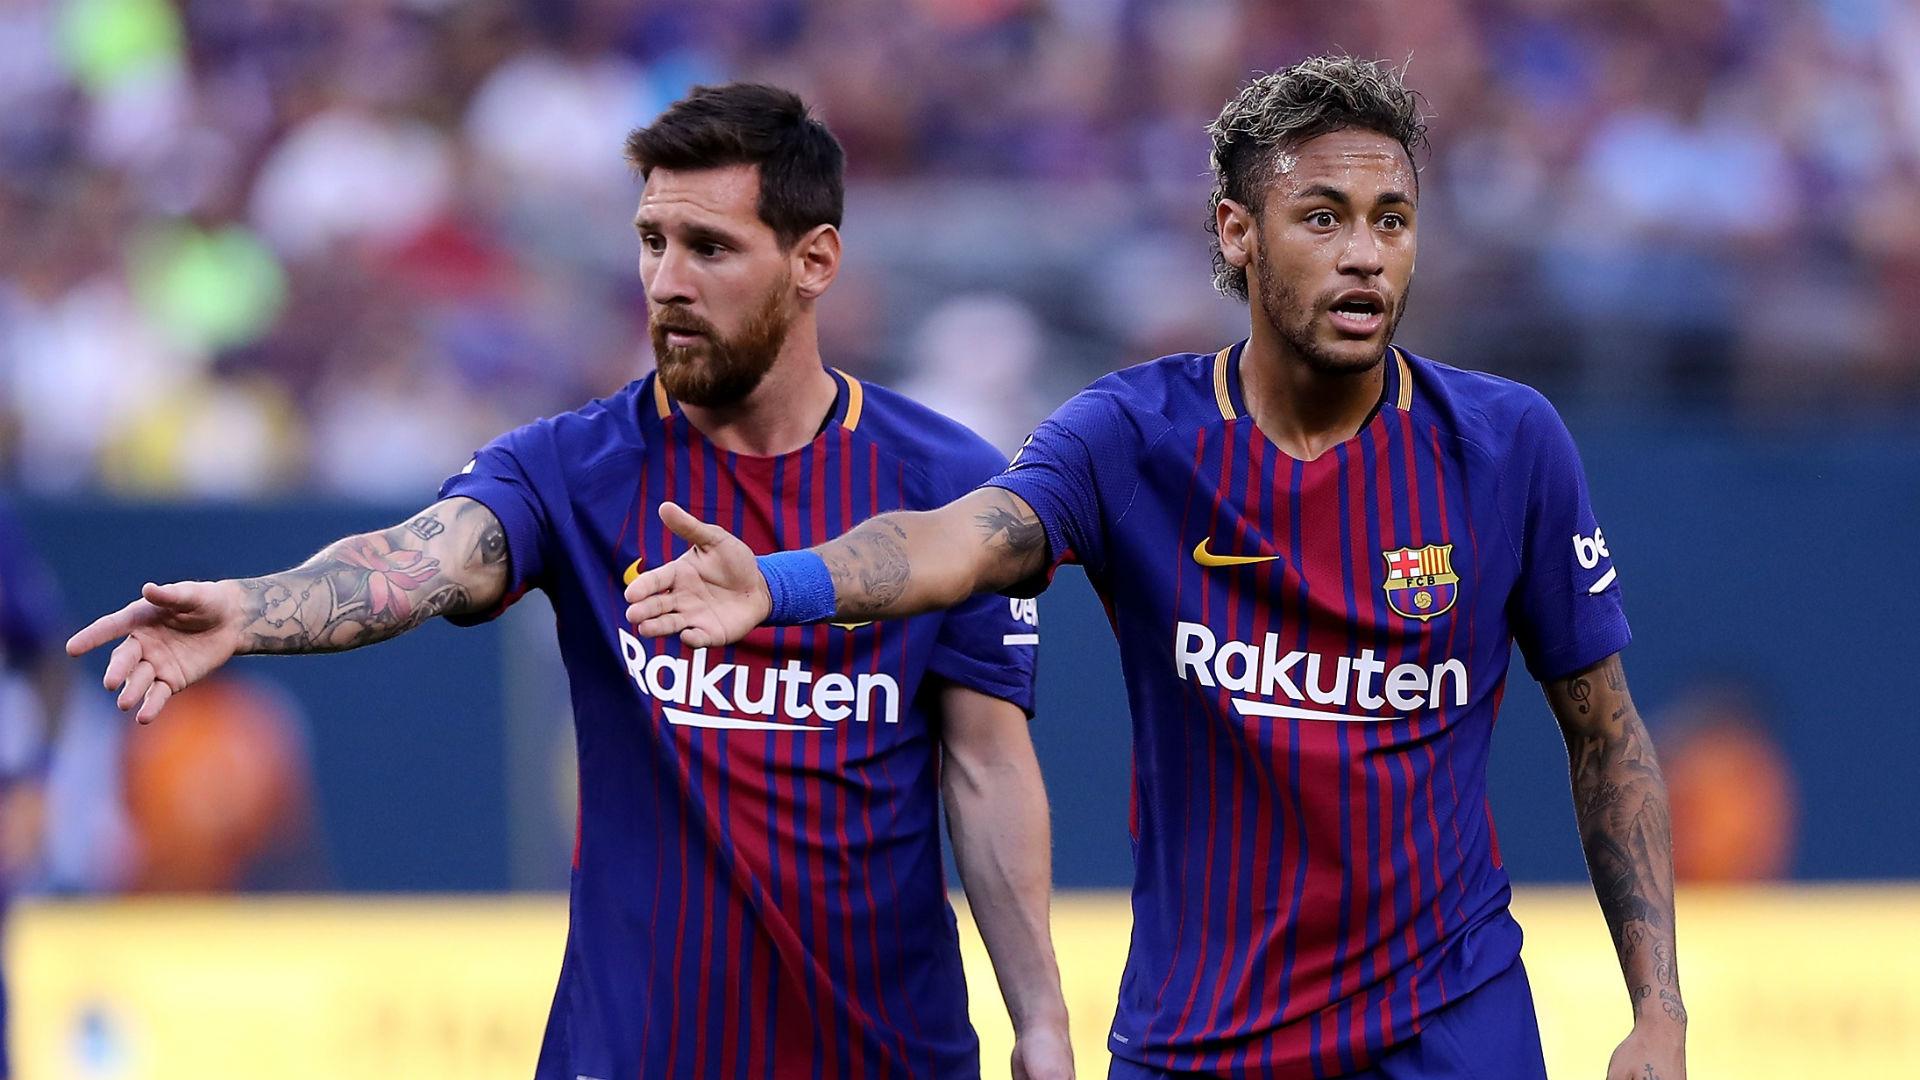 Neymar intentó reclutar a Lionel Messi para el PSG, revela el diario L' Equipo